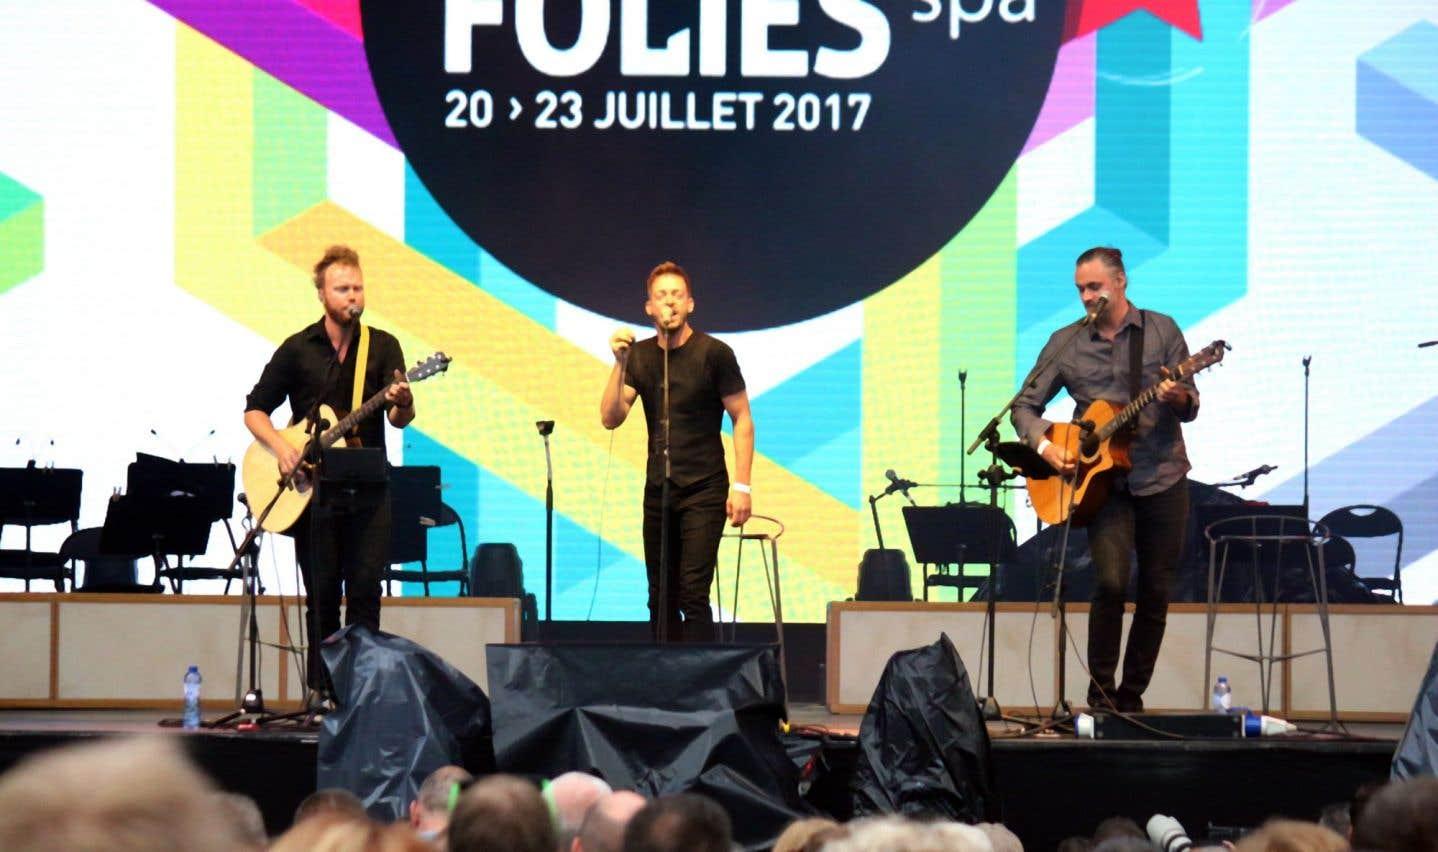 Avec sa seule voix, et les expertes guitares acoustiques de ses deux compagnons, Alexandre Désilets a rempli la grande place de l'Hôtel-de-Ville.